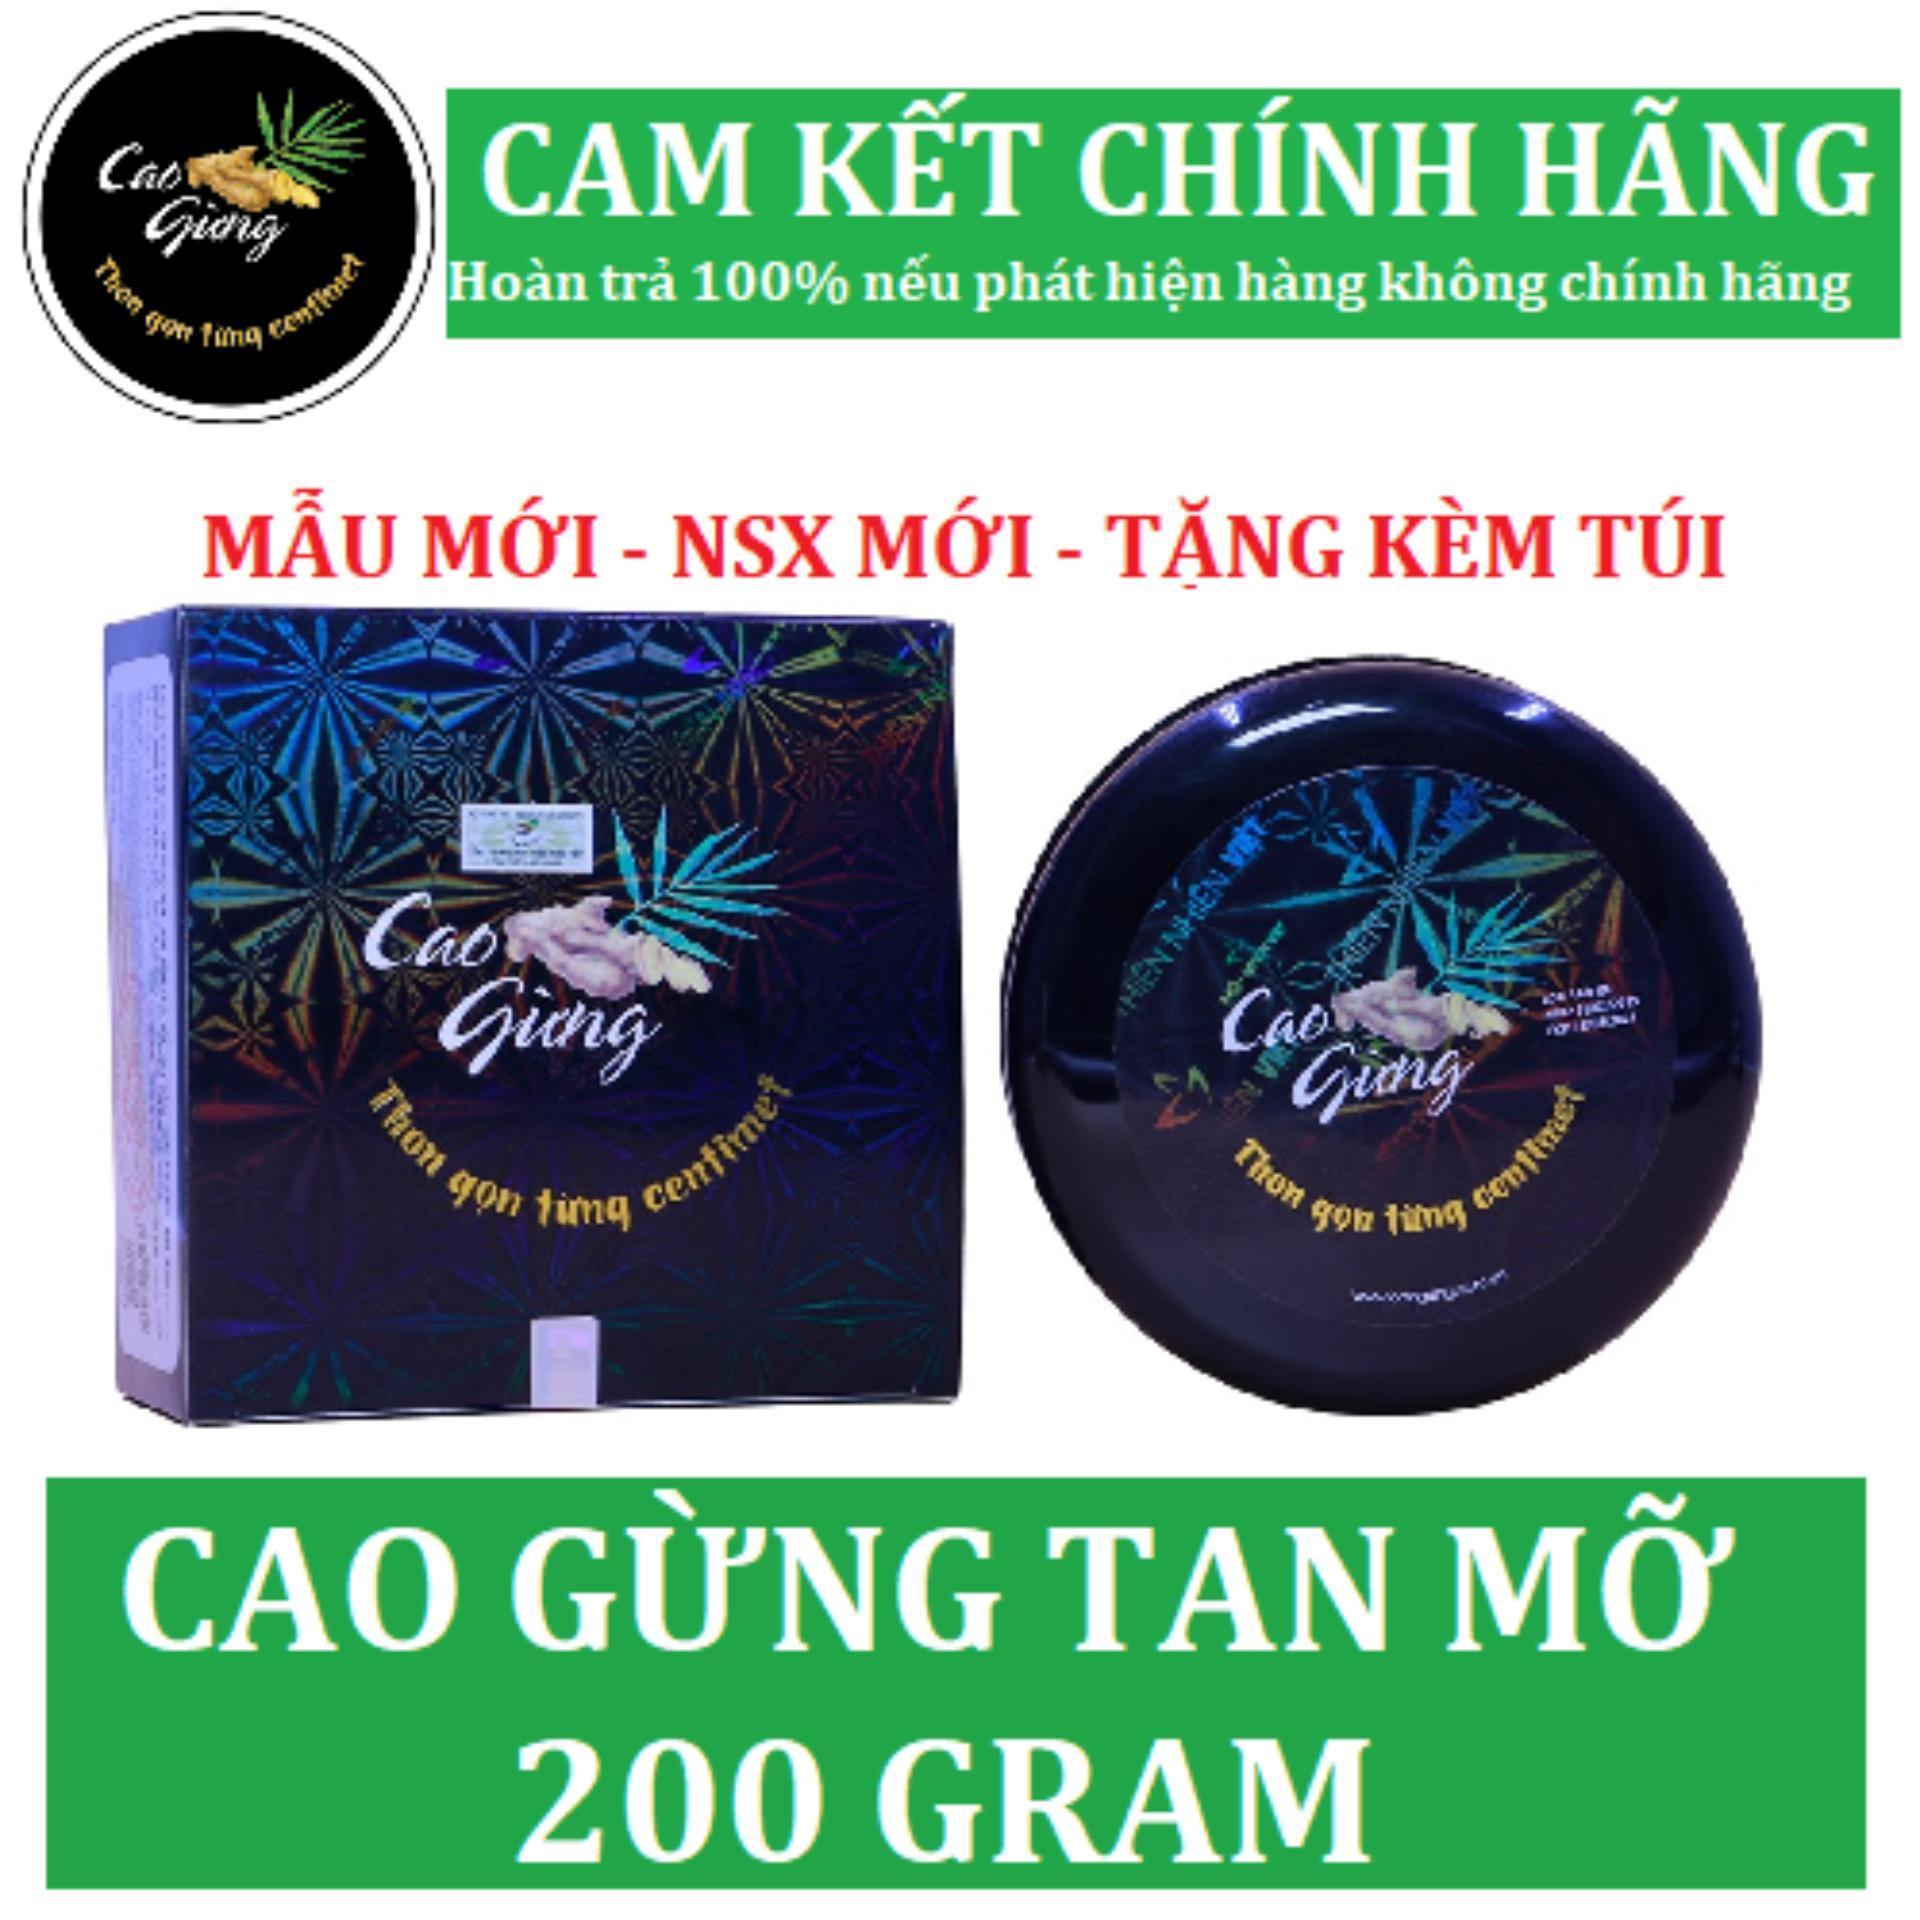 CAO GỪNG TAN MỠ CÁT TƯỜNG 200GR - Đánh tan mỡ thừa, giảm rạn da sau sinh, hiệu quả cao chính hãng